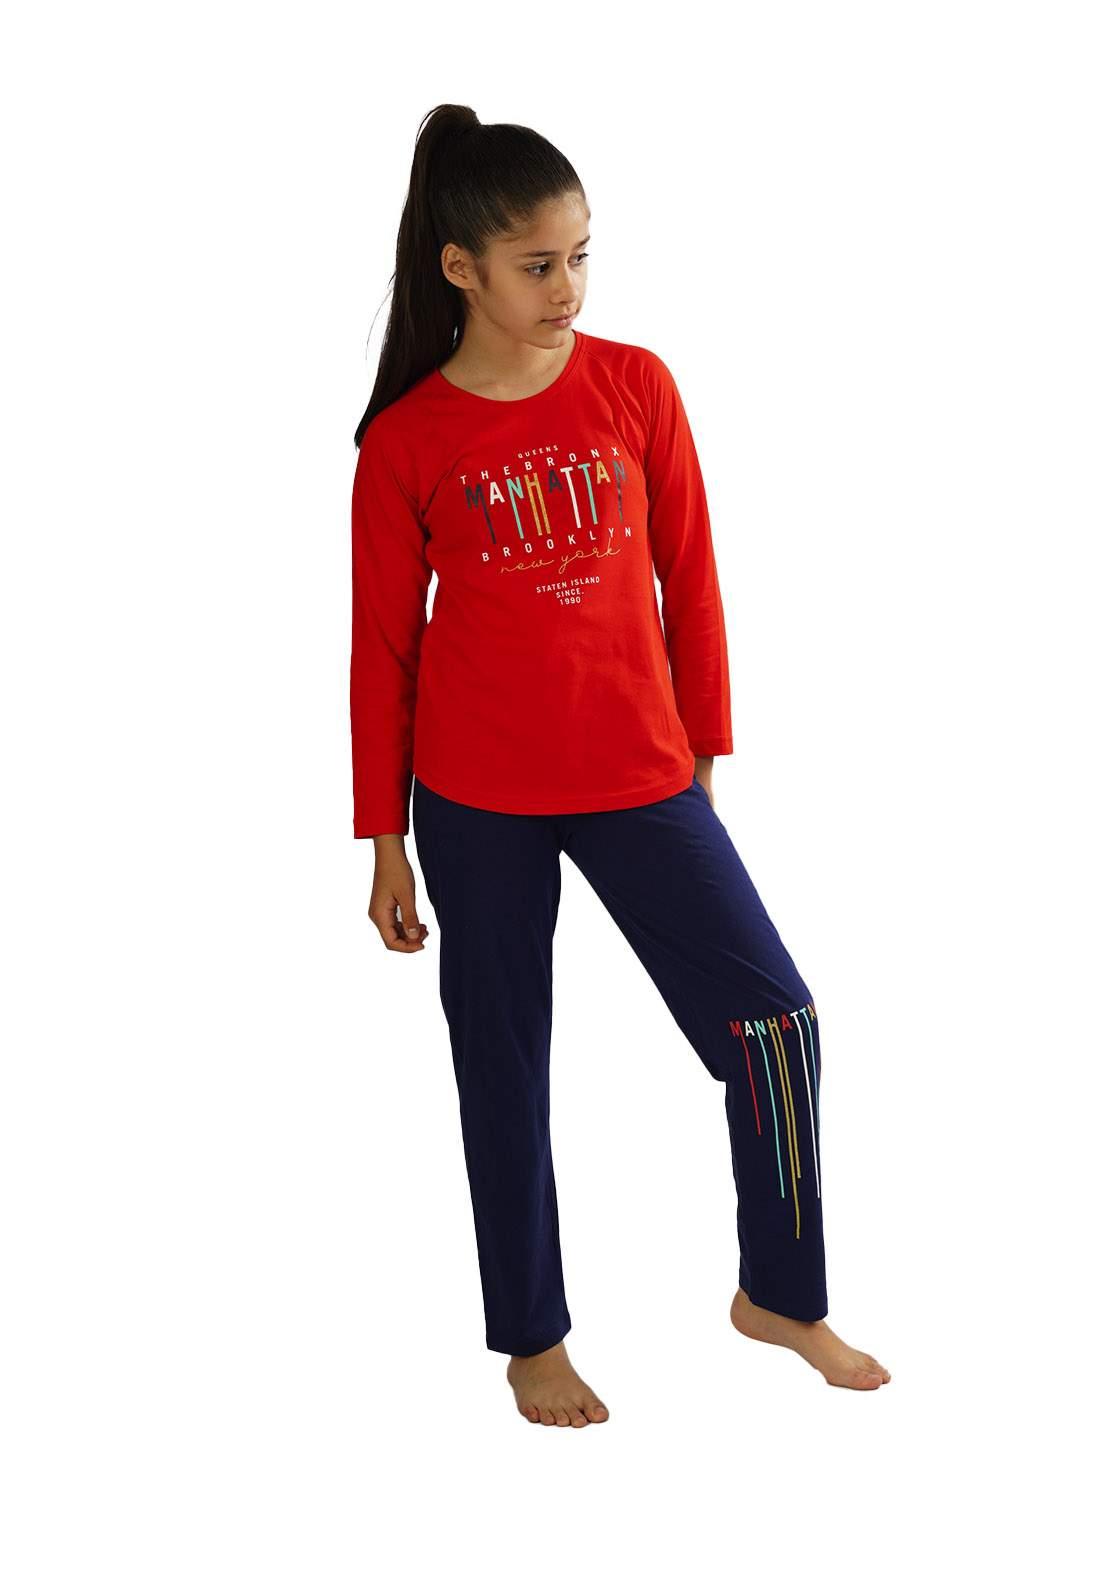 Enki 104361 سيت بجامة بناتي أحمر وأزرق أللون